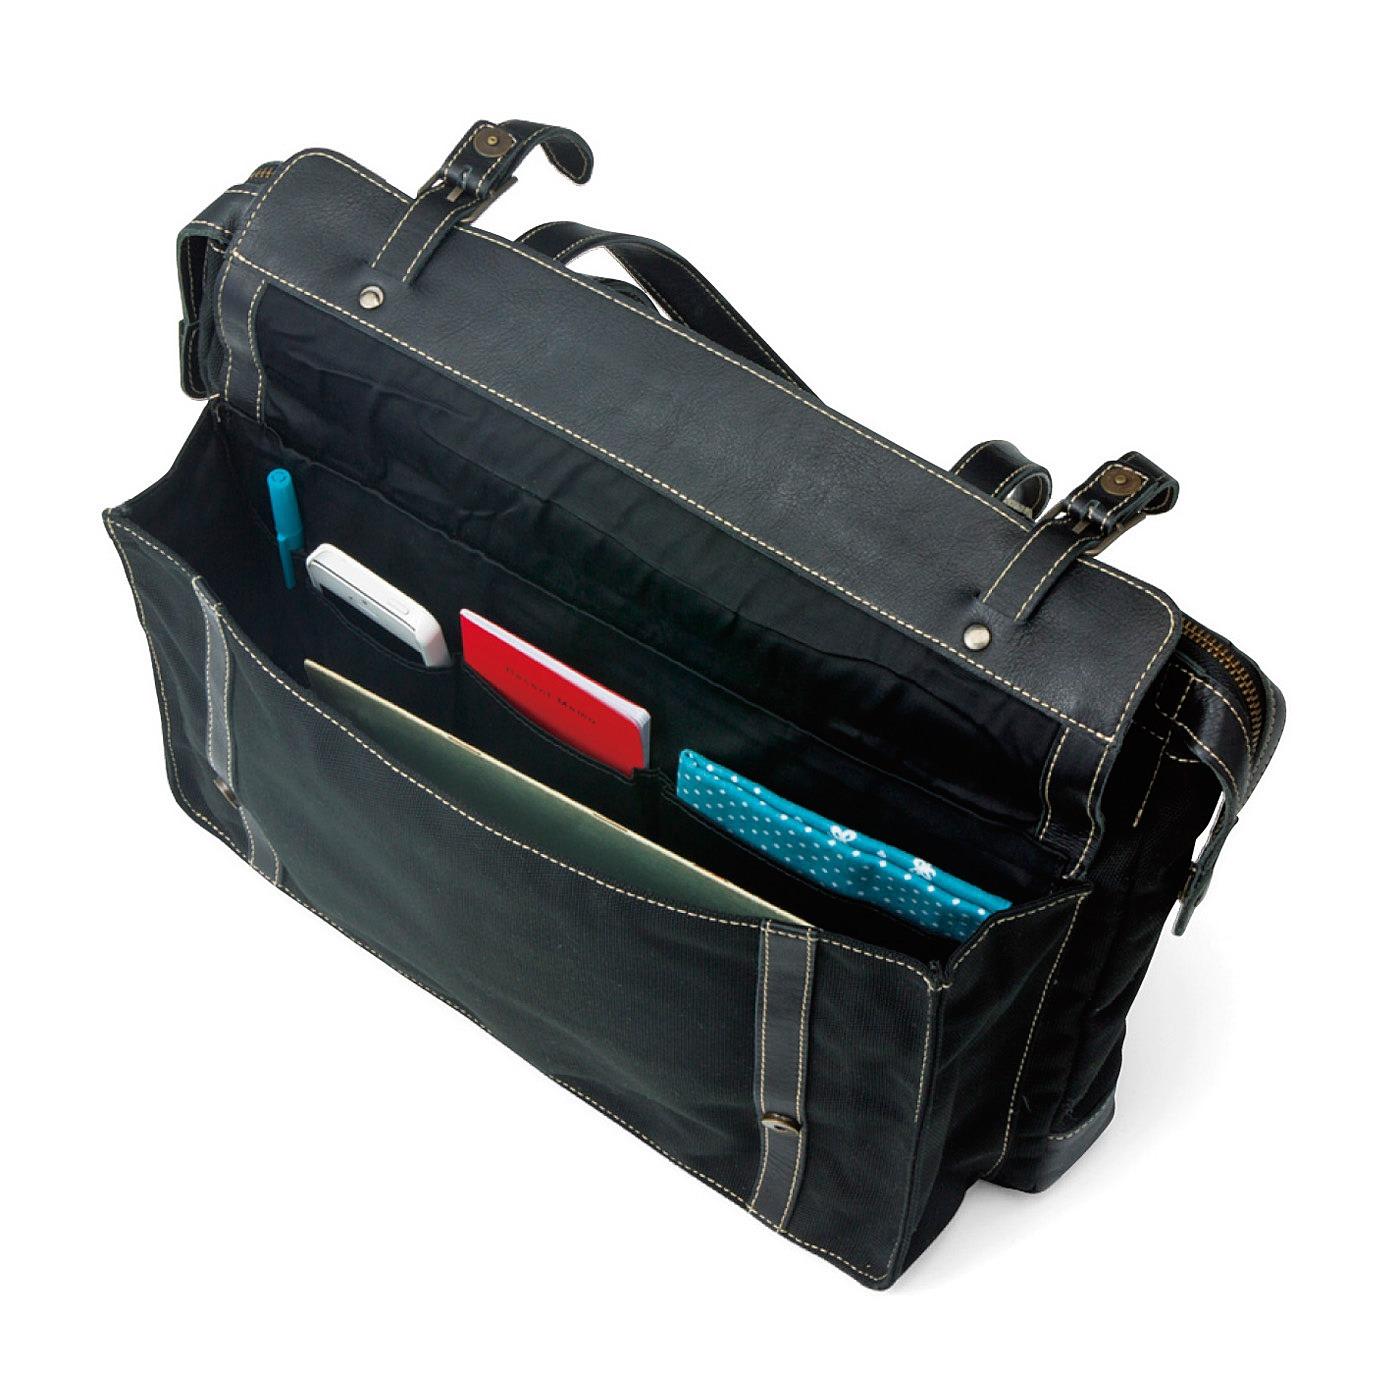 前ポケットはマグネット式。内側にはたくさんのポケットが充実。